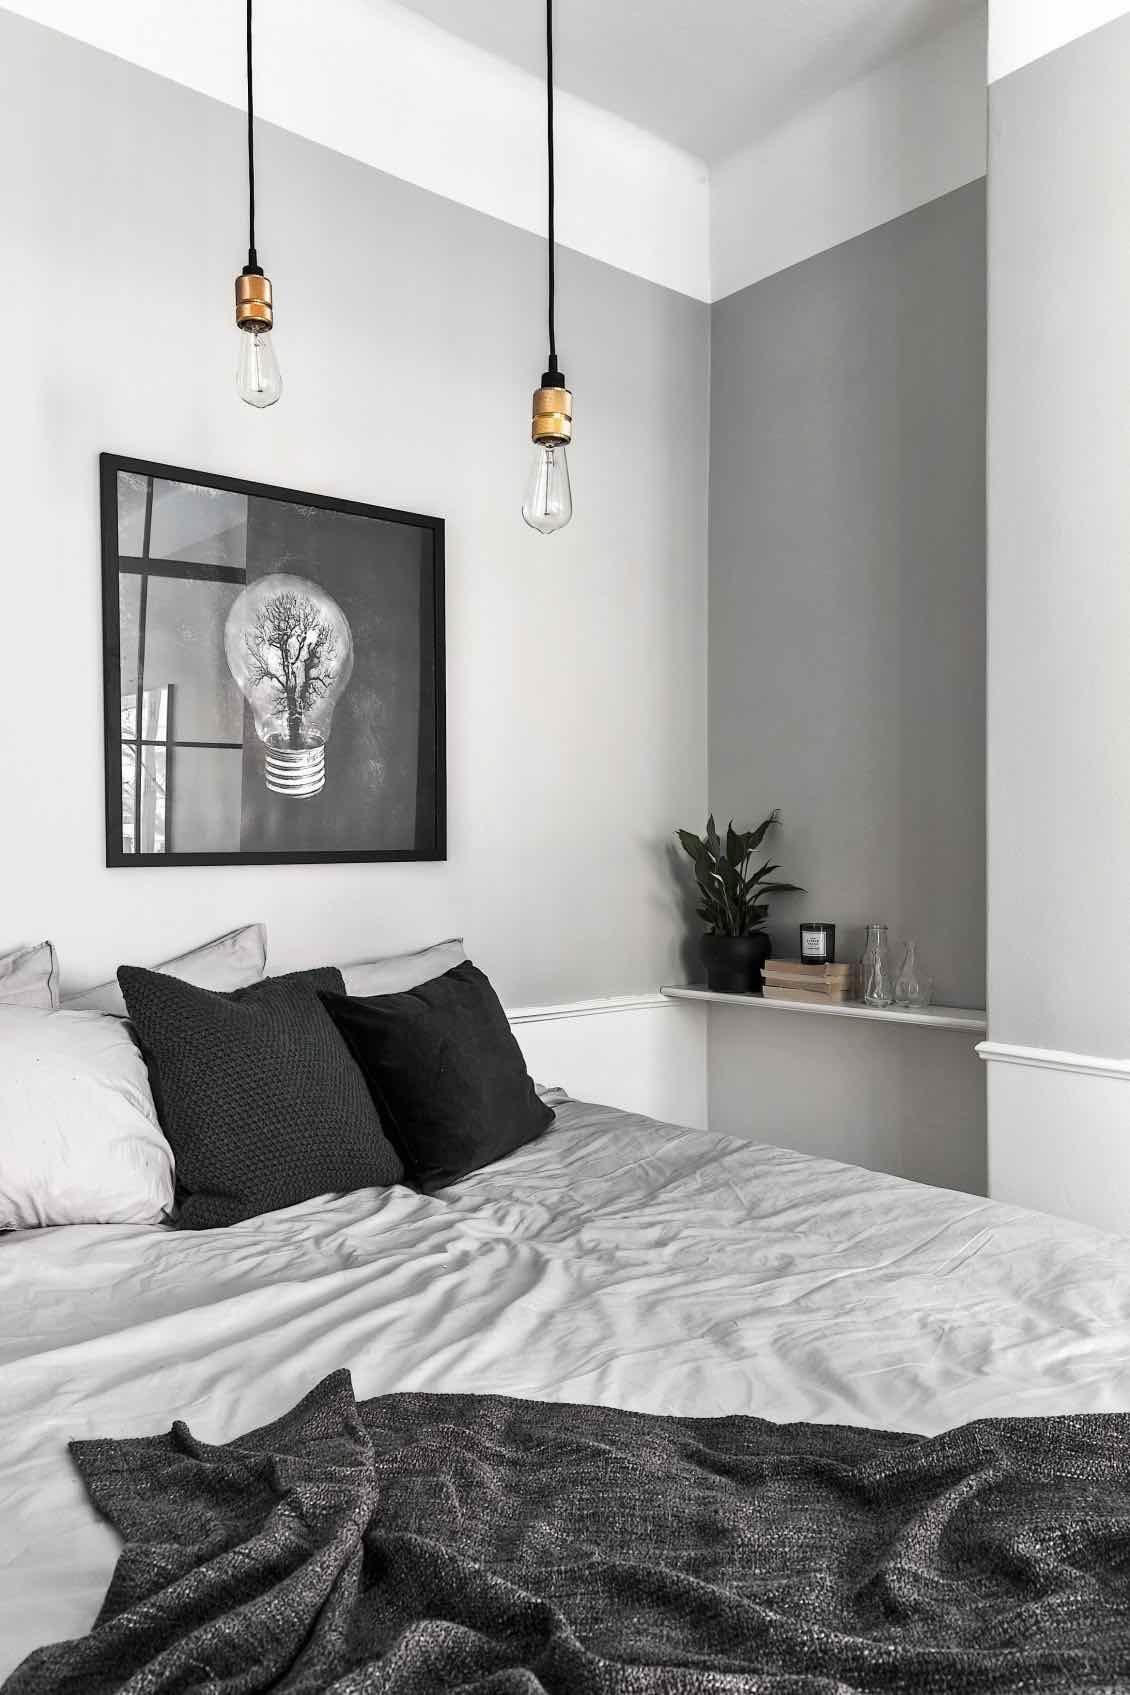 Full Size of Schlafzimmer Lampen Einrichtungsideen Design Komplette Kommode Klimagerät Für Stehlampe Günstig Komplettes Komplett Mit Lattenrost Und Matratze Deckenlampen Schlafzimmer Lampen Schlafzimmer